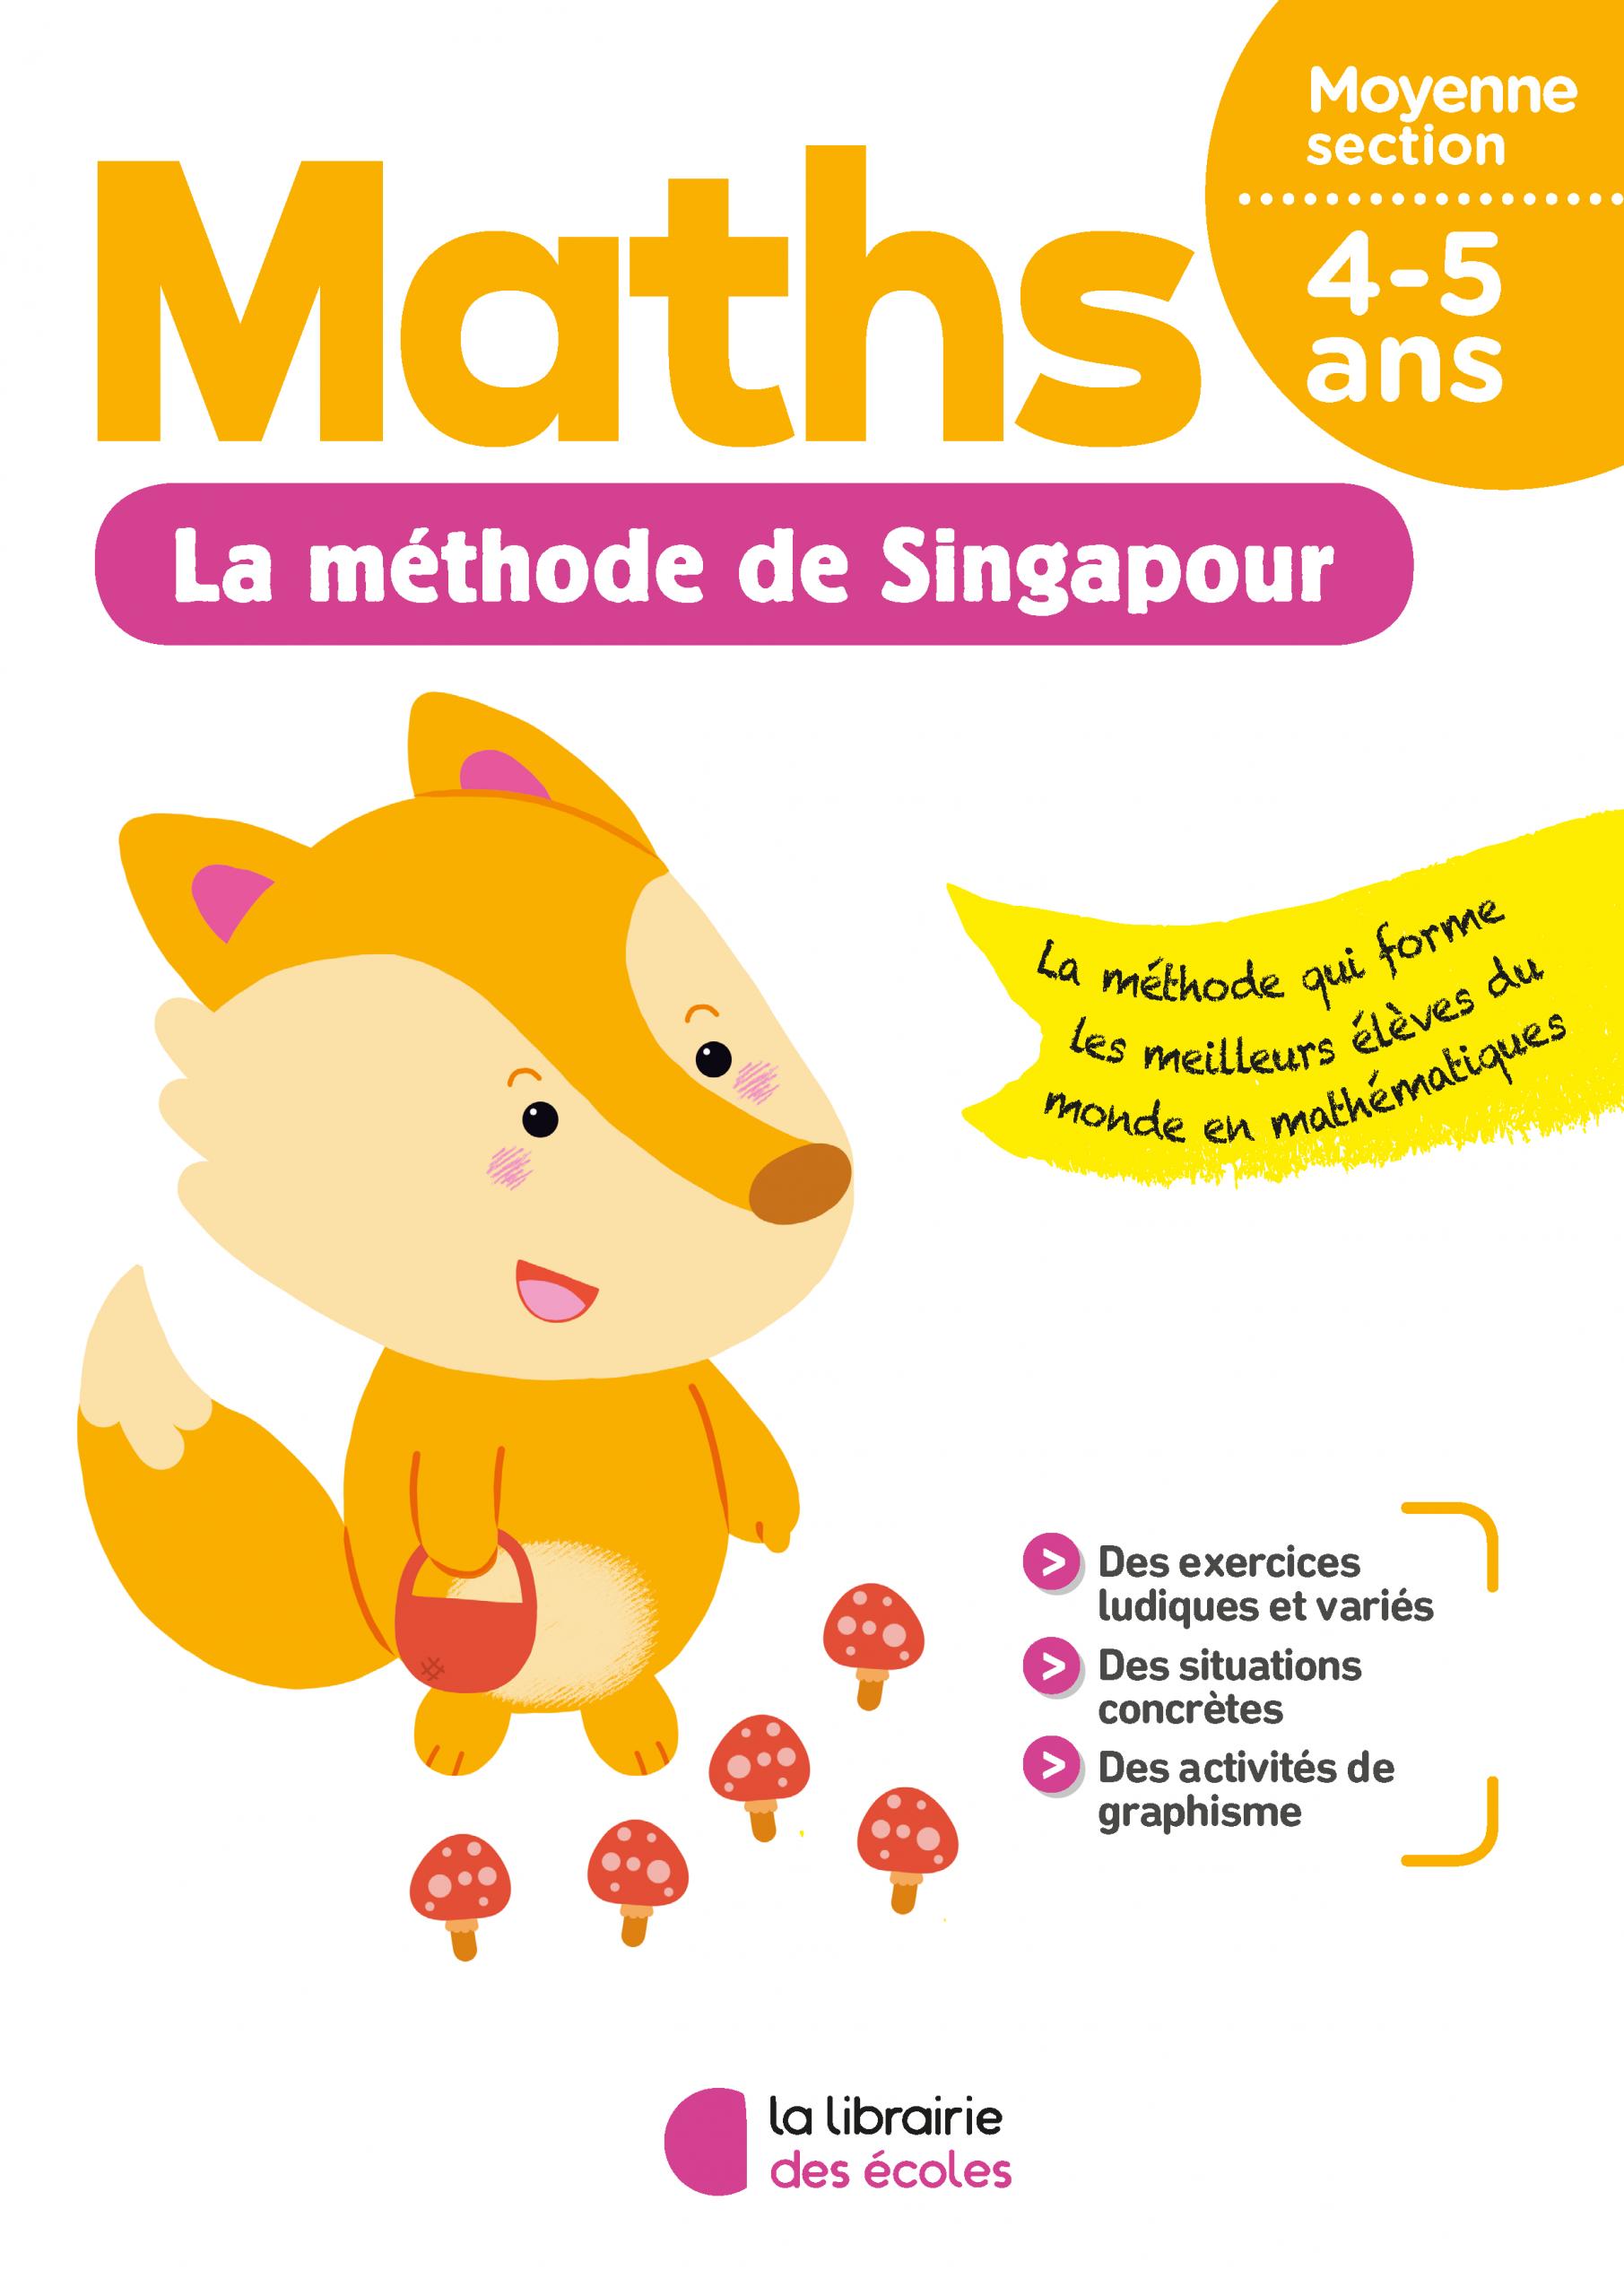 La Méthode De Singapour - Moyenne Section - Pour La Maison concernant Exercice Maternelle Moyenne Section